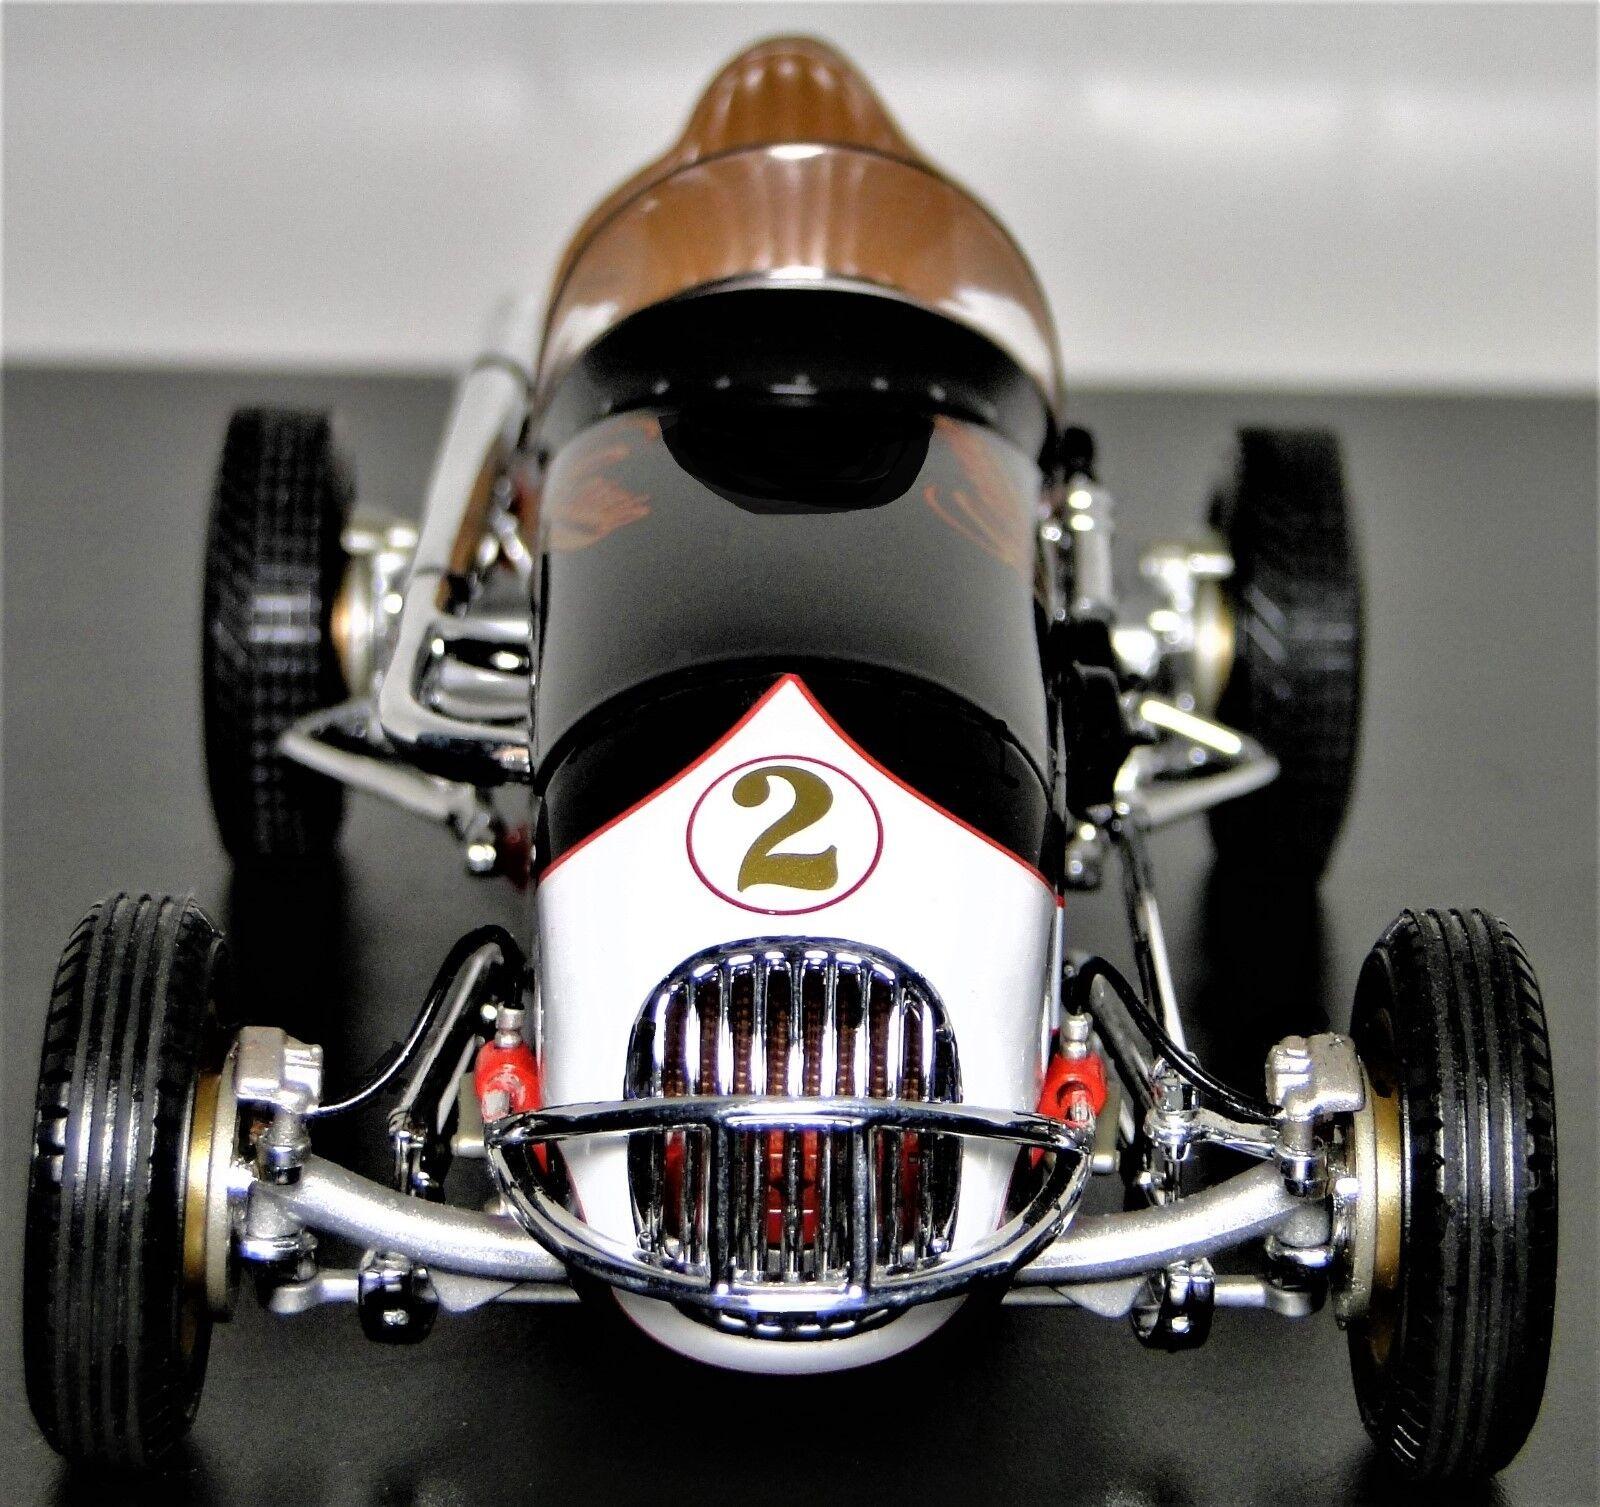 1 Auto De Carrera Ferrari F Grand Prix 18 1960s 43 Vintage 24 Indy carrusel Negro 12